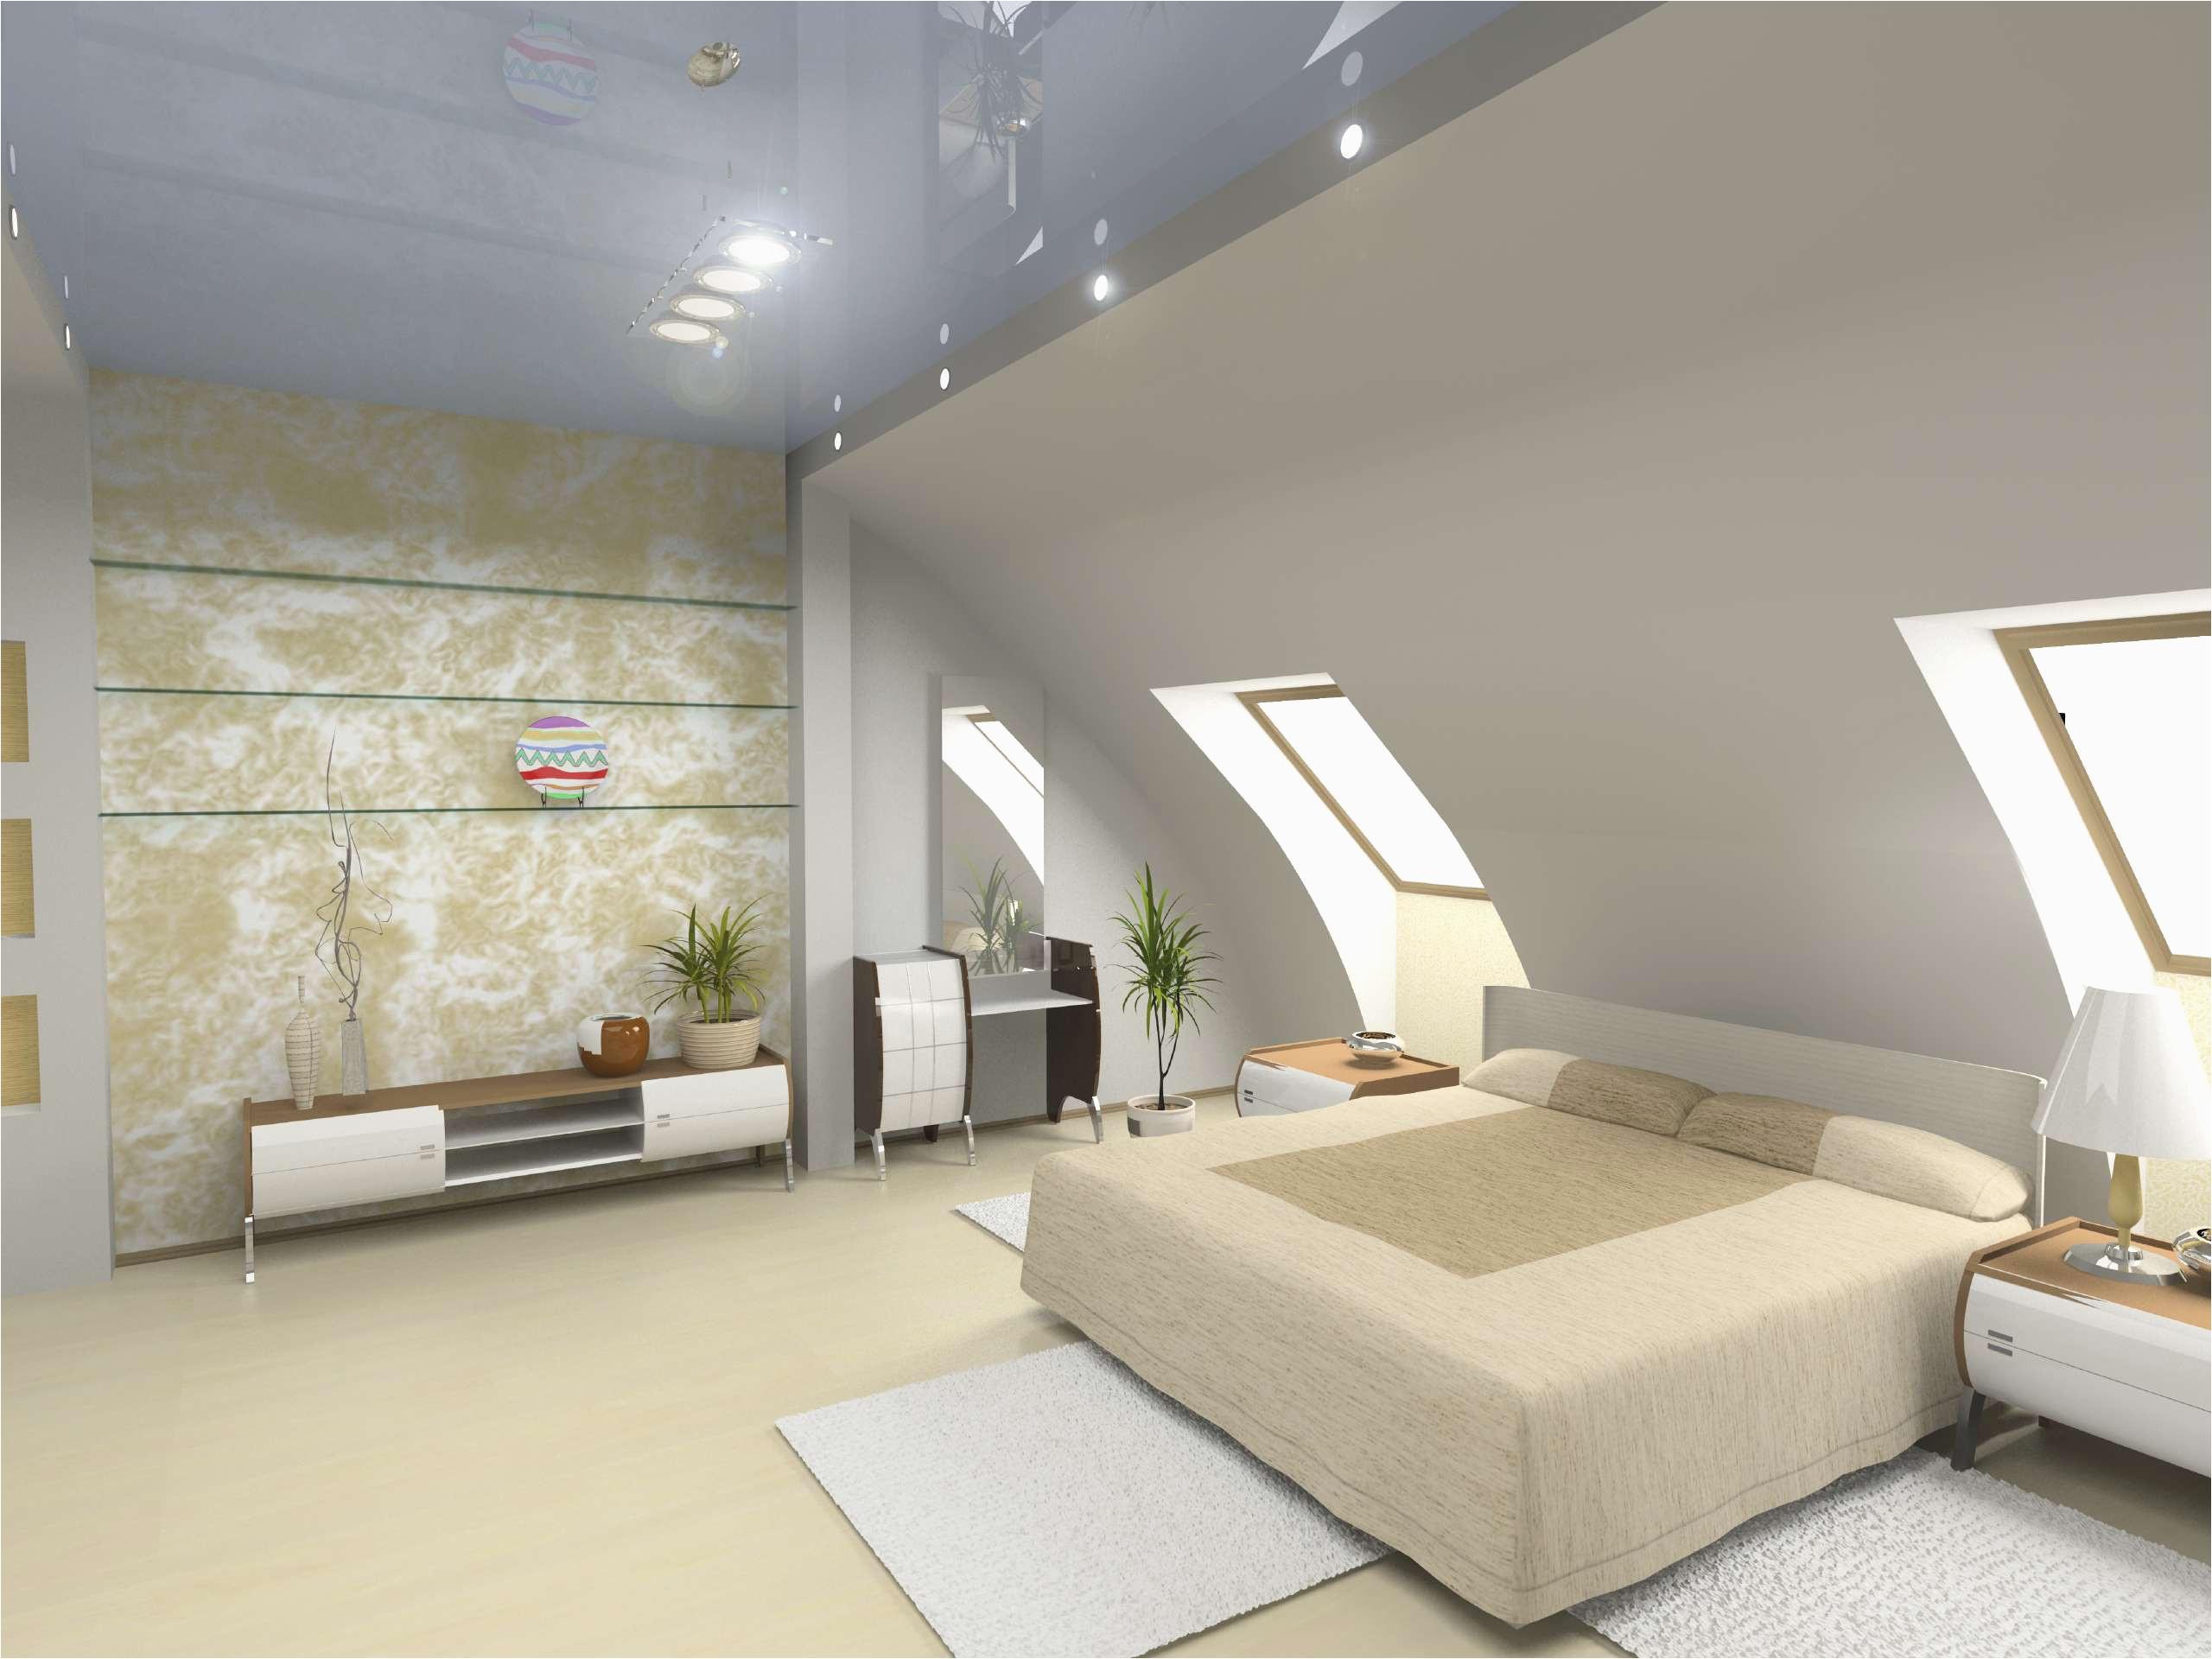 Deko Für Weißes Badezimmer Wand Hinter Bett